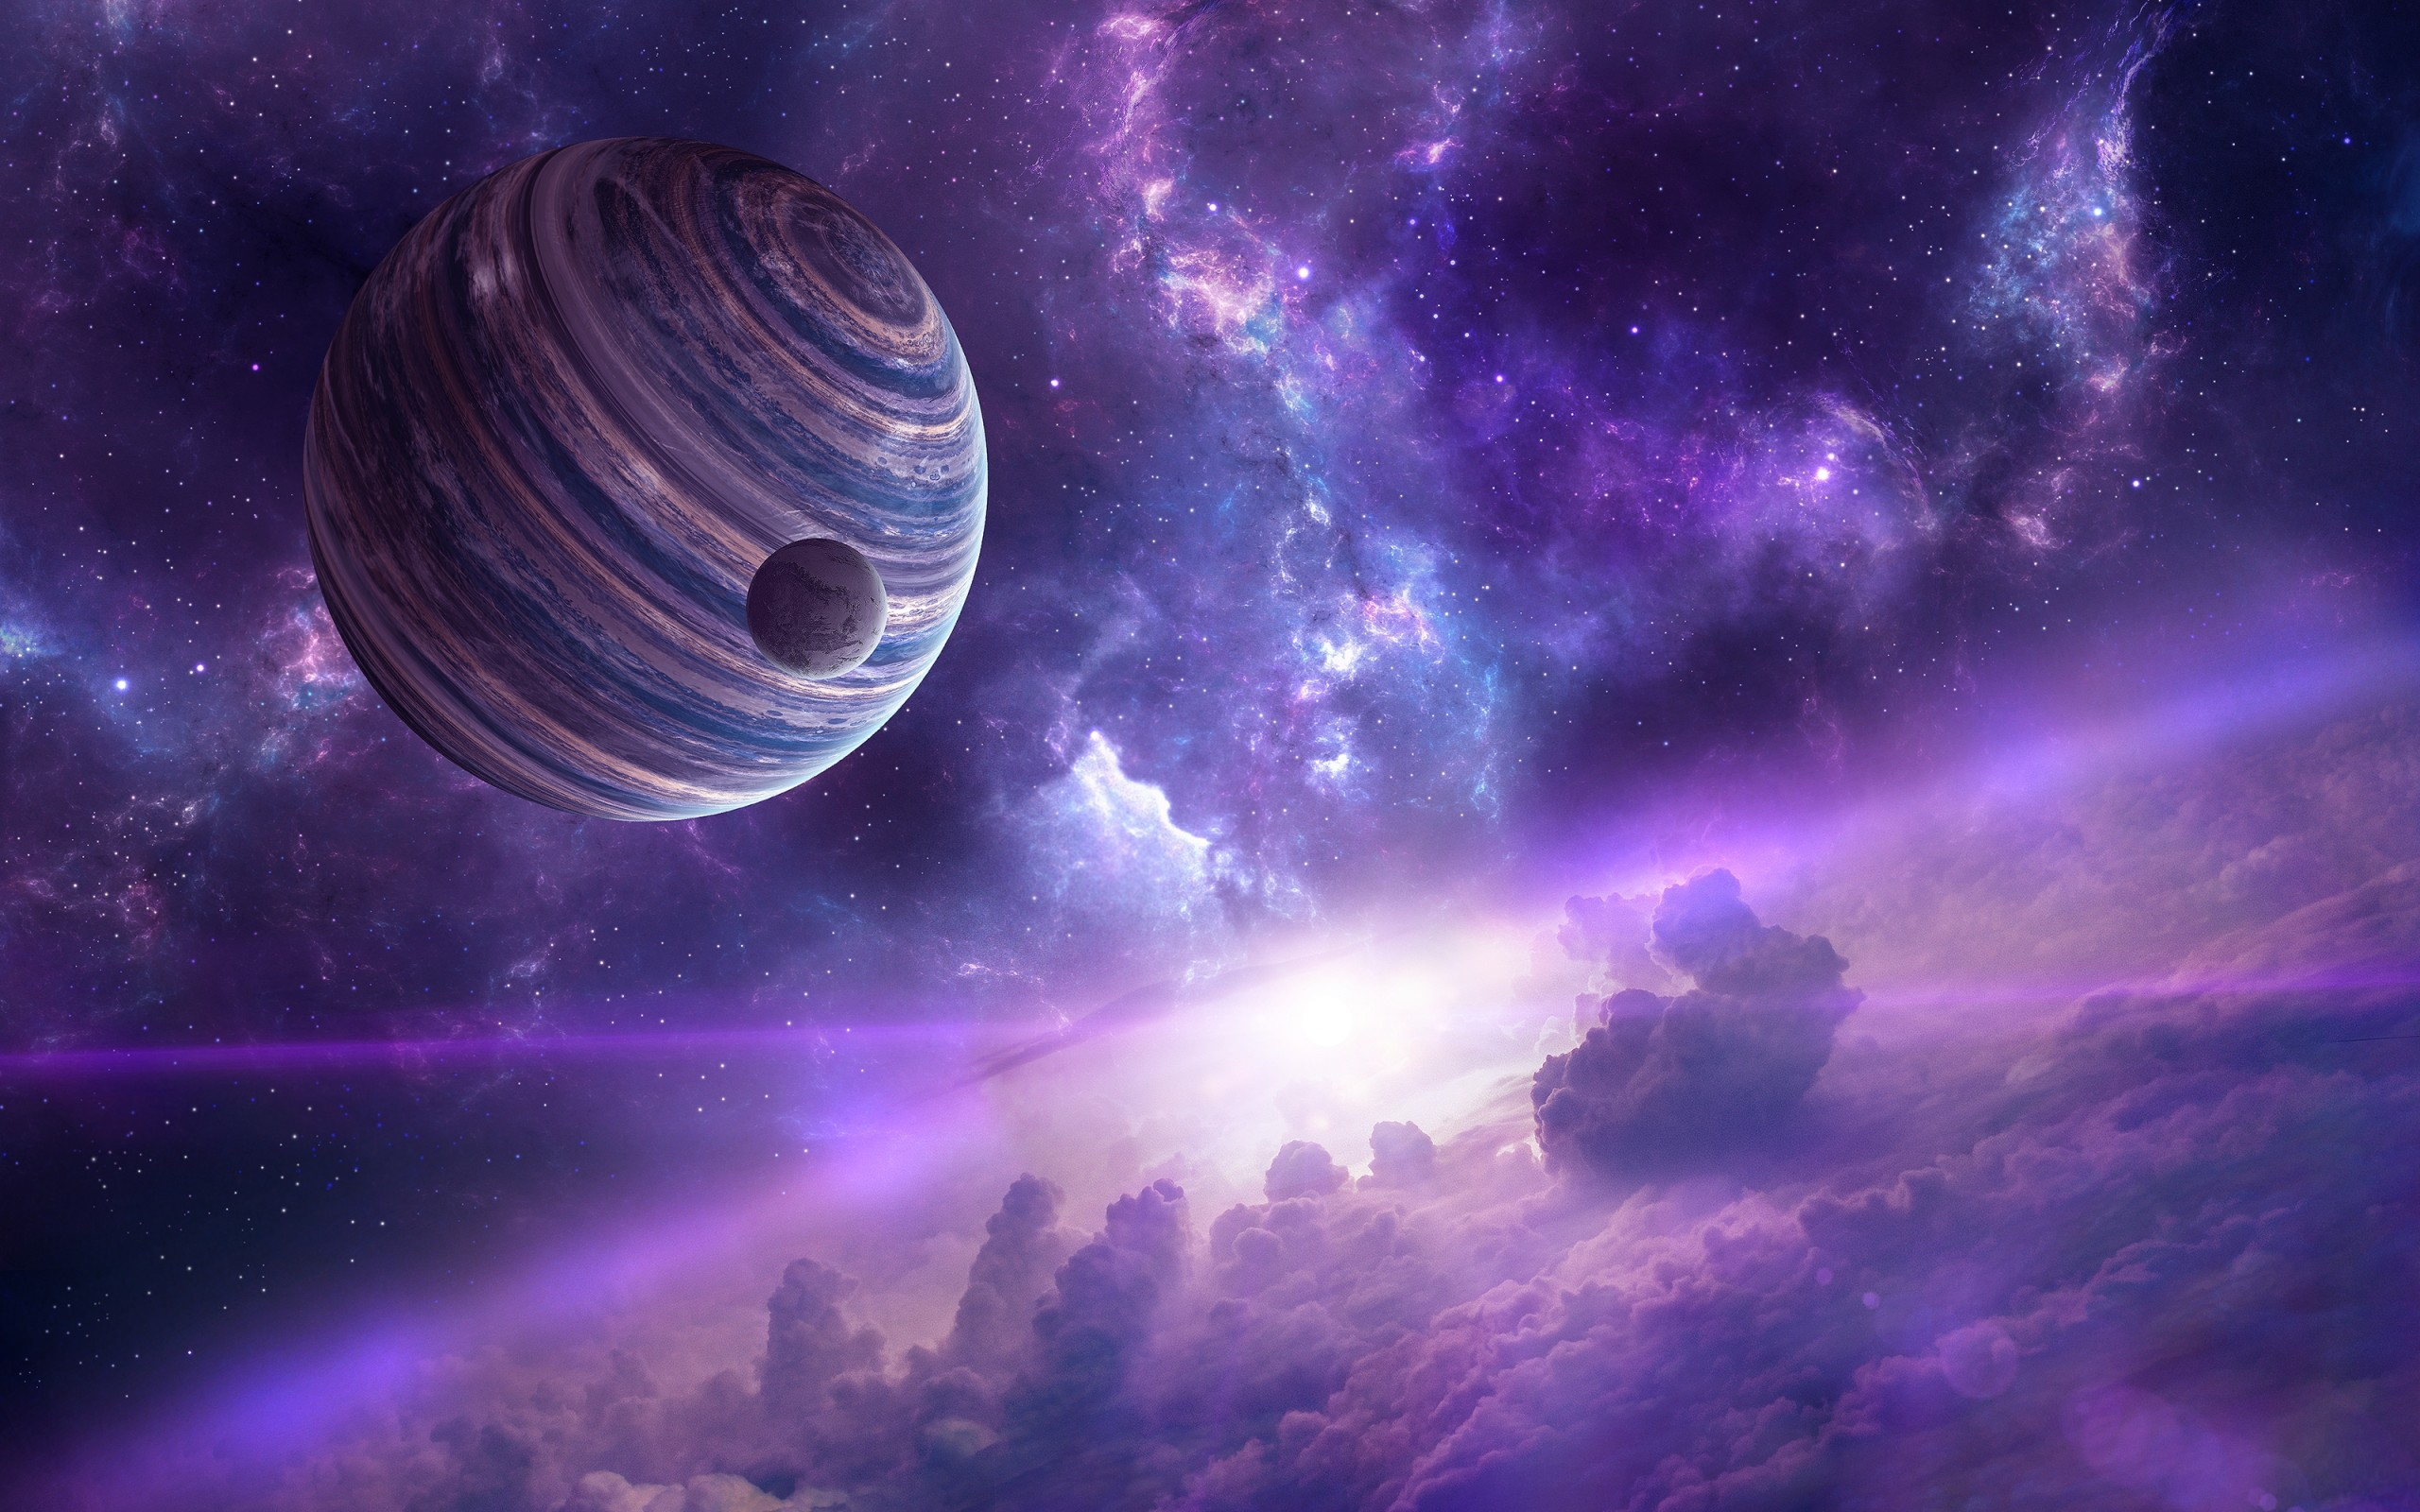 Картинки высокого качества космос